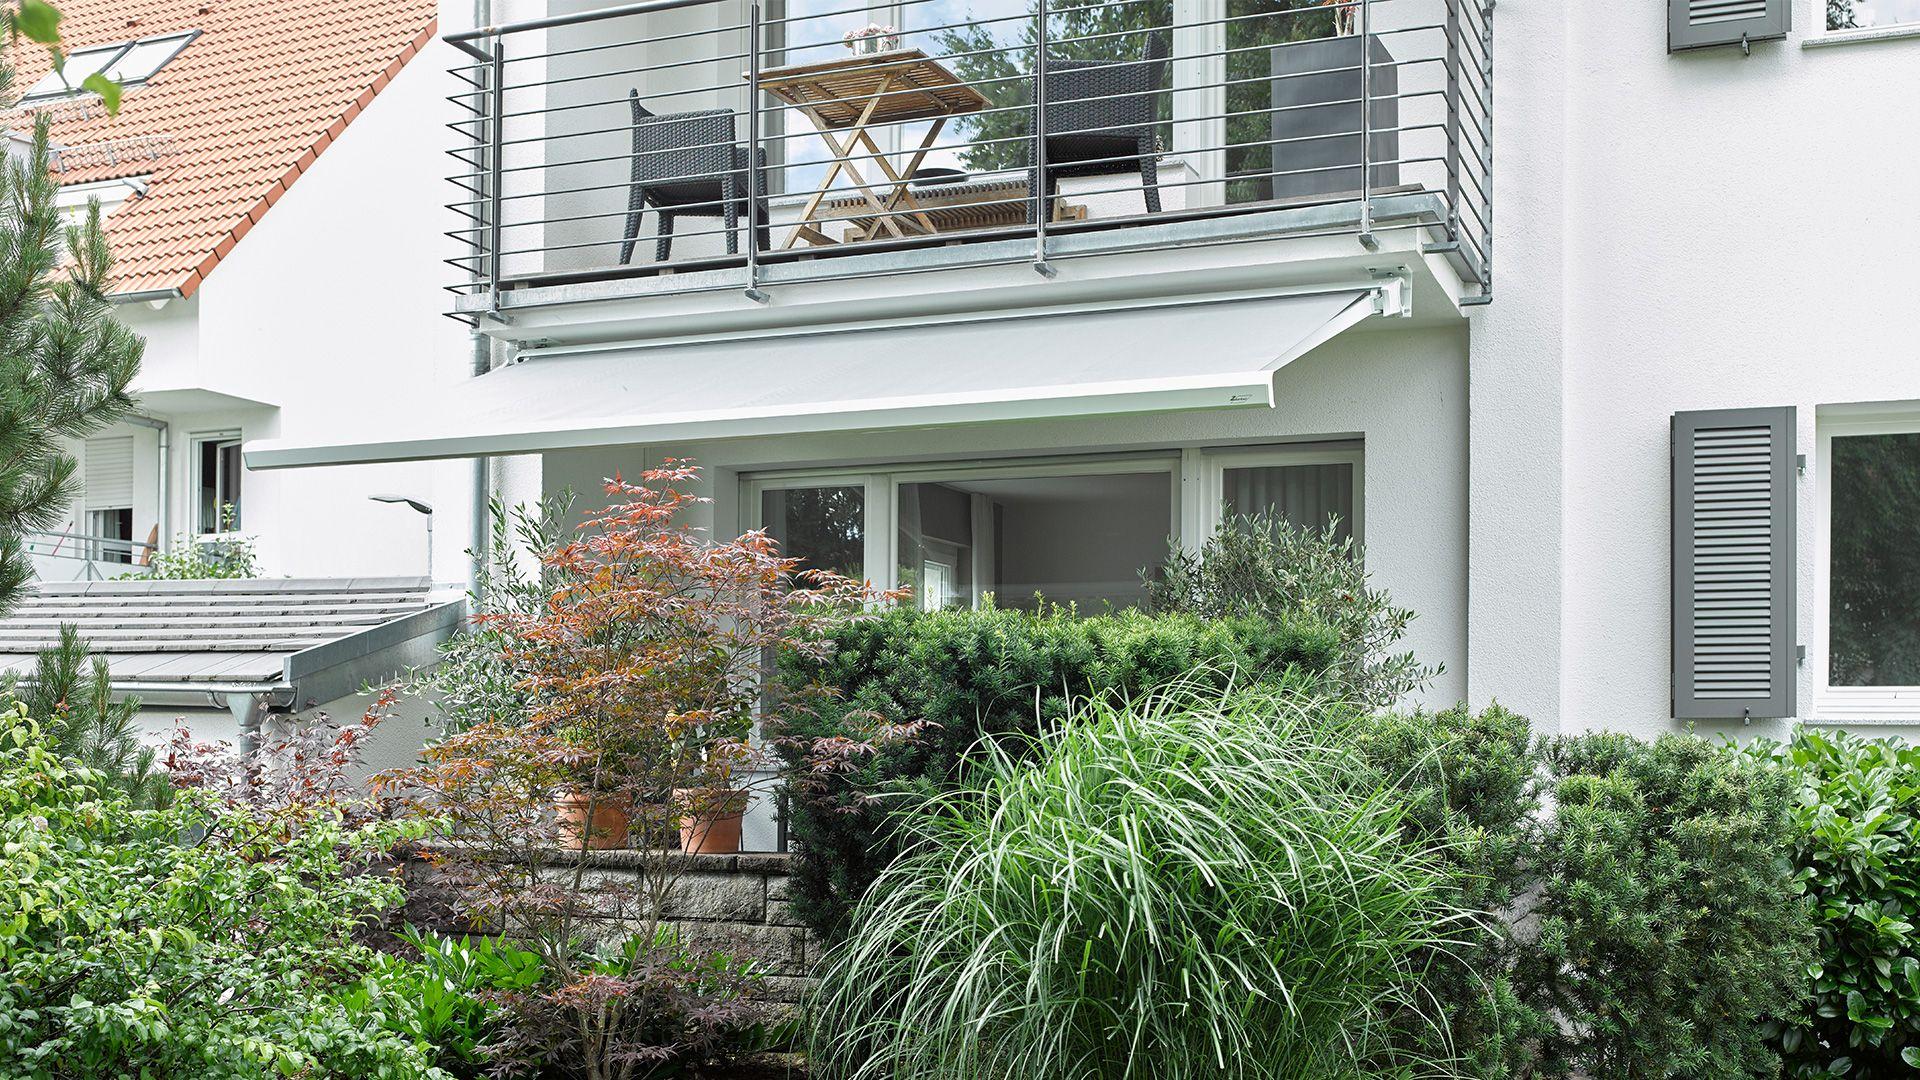 Sonnenschutz für Balkon und Terrasse – Markisen Zanker